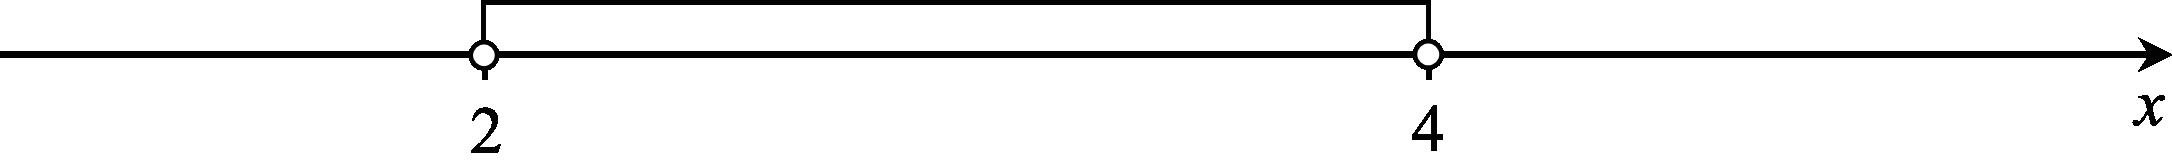 wskaż rysunek na którym przedstawiony jest zbiór rozwiązań nierówności 2(3-x)